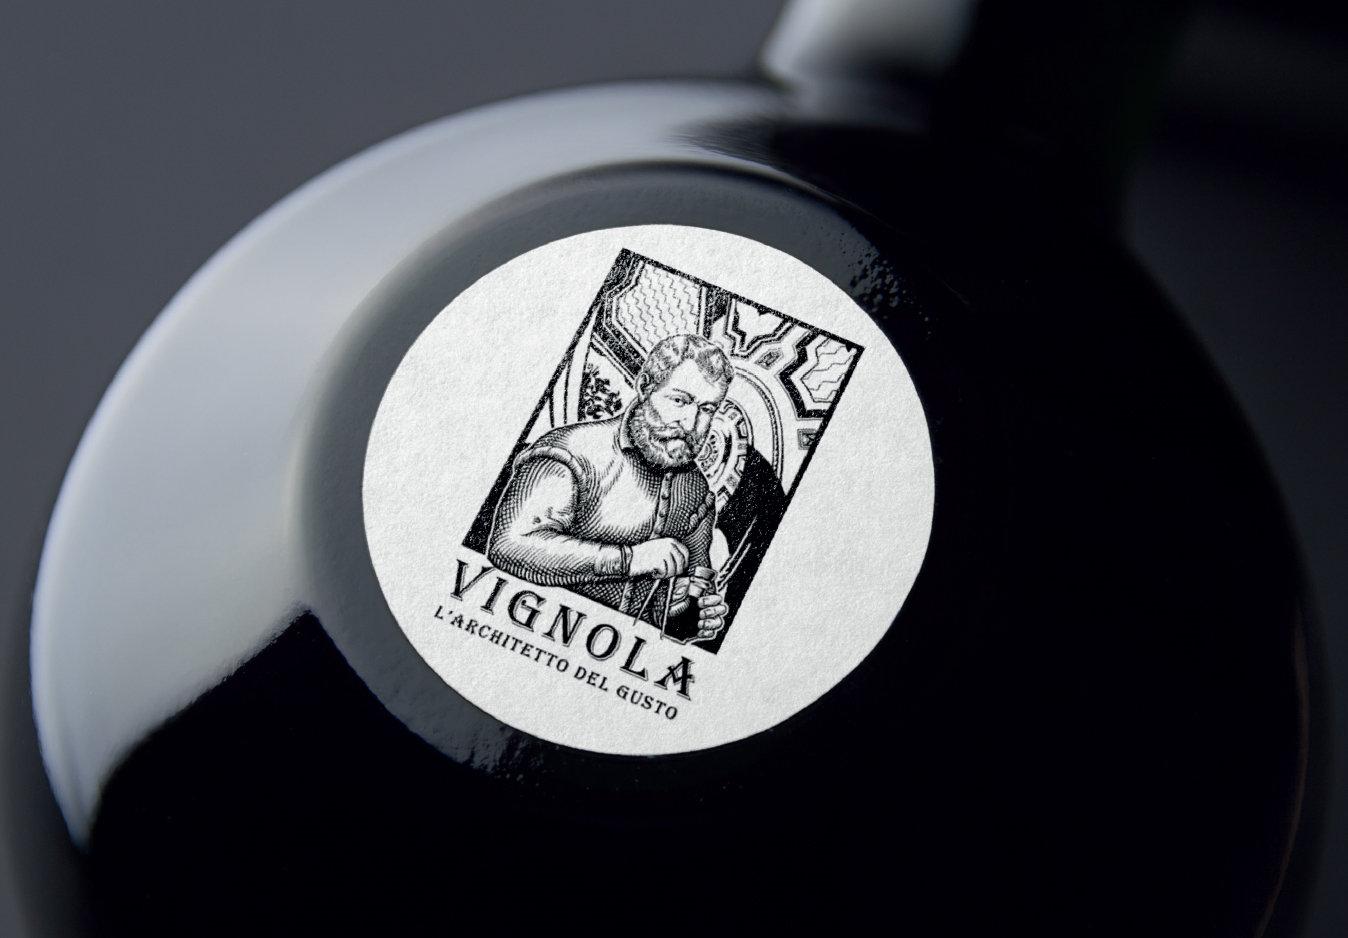 vignola_aceti_003